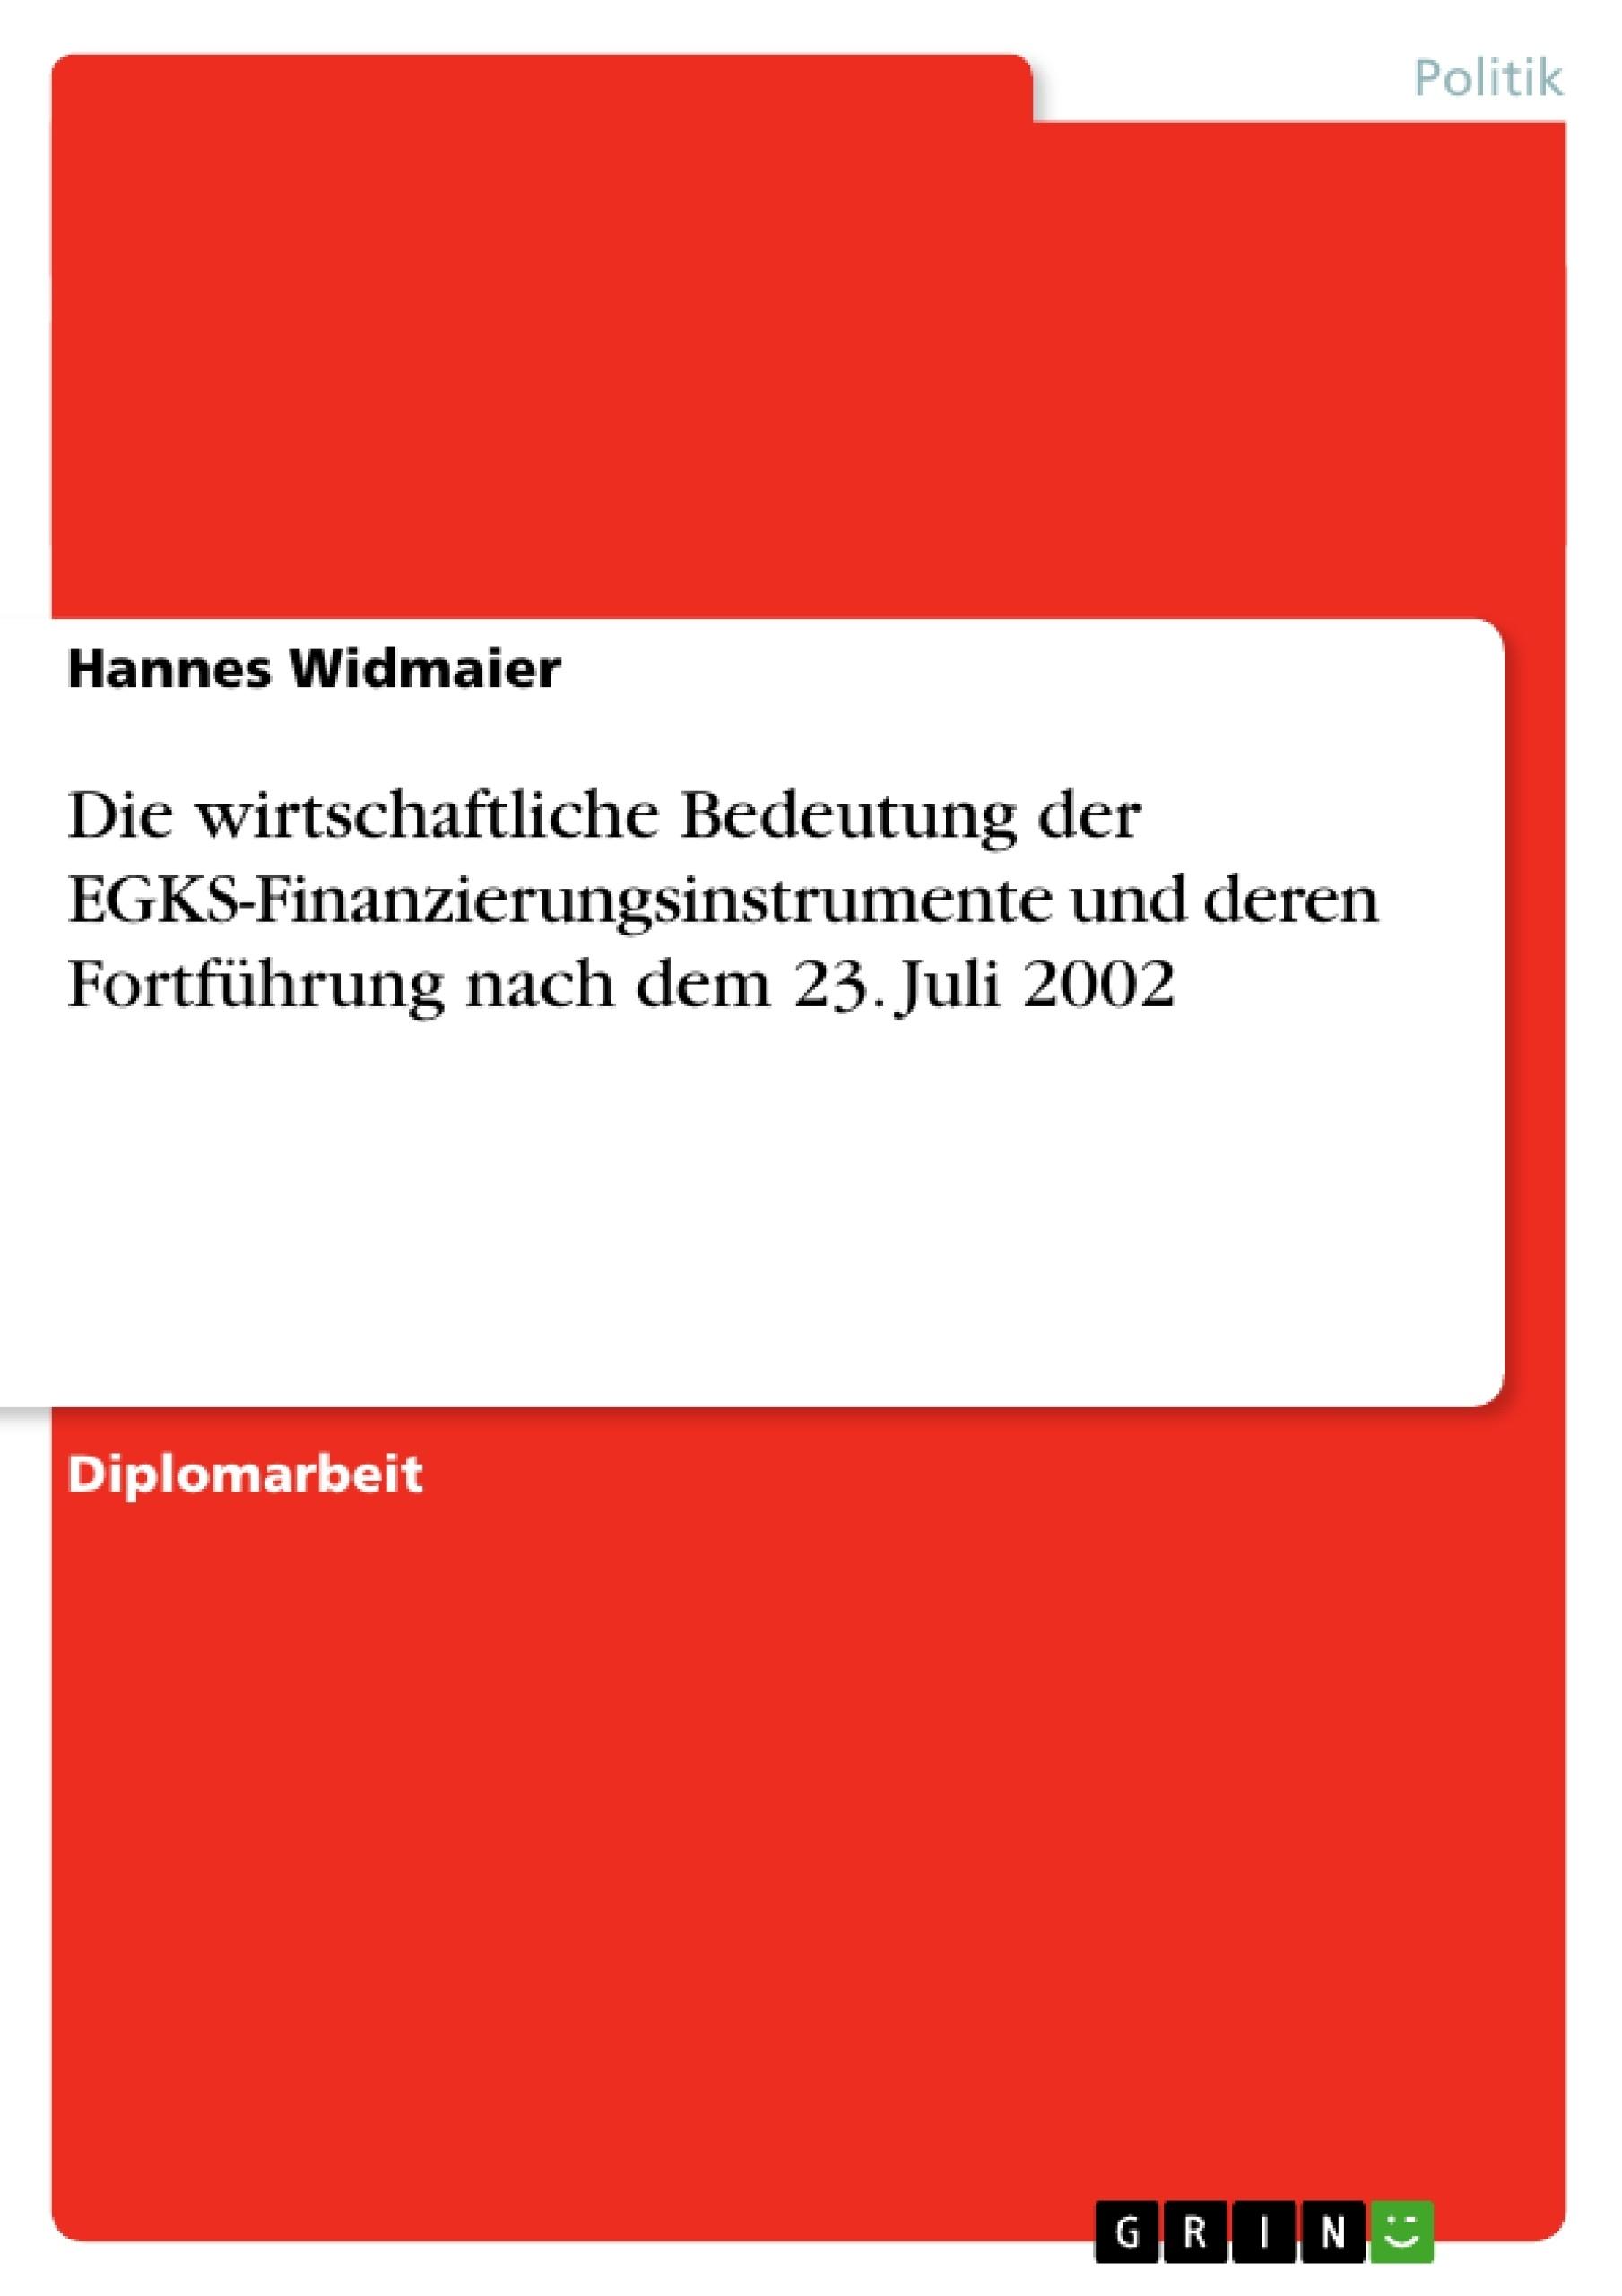 Titel: Die wirtschaftliche Bedeutung der EGKS-Finanzierungsinstrumente und deren Fortführung nach dem 23. Juli 2002